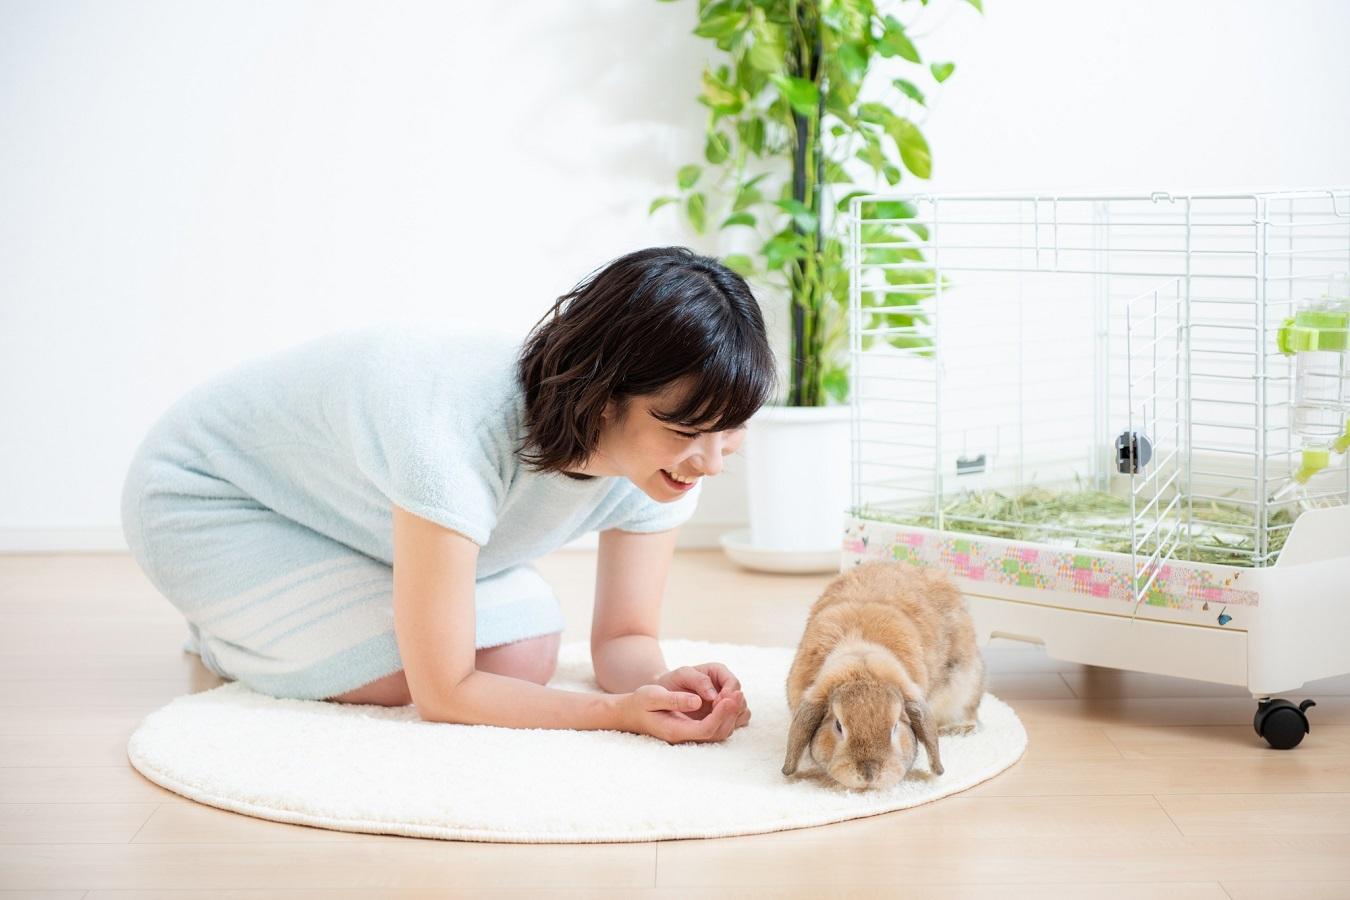 犬猫が飼えない家庭にも。うさぎを飼う前にチェックしたいこと